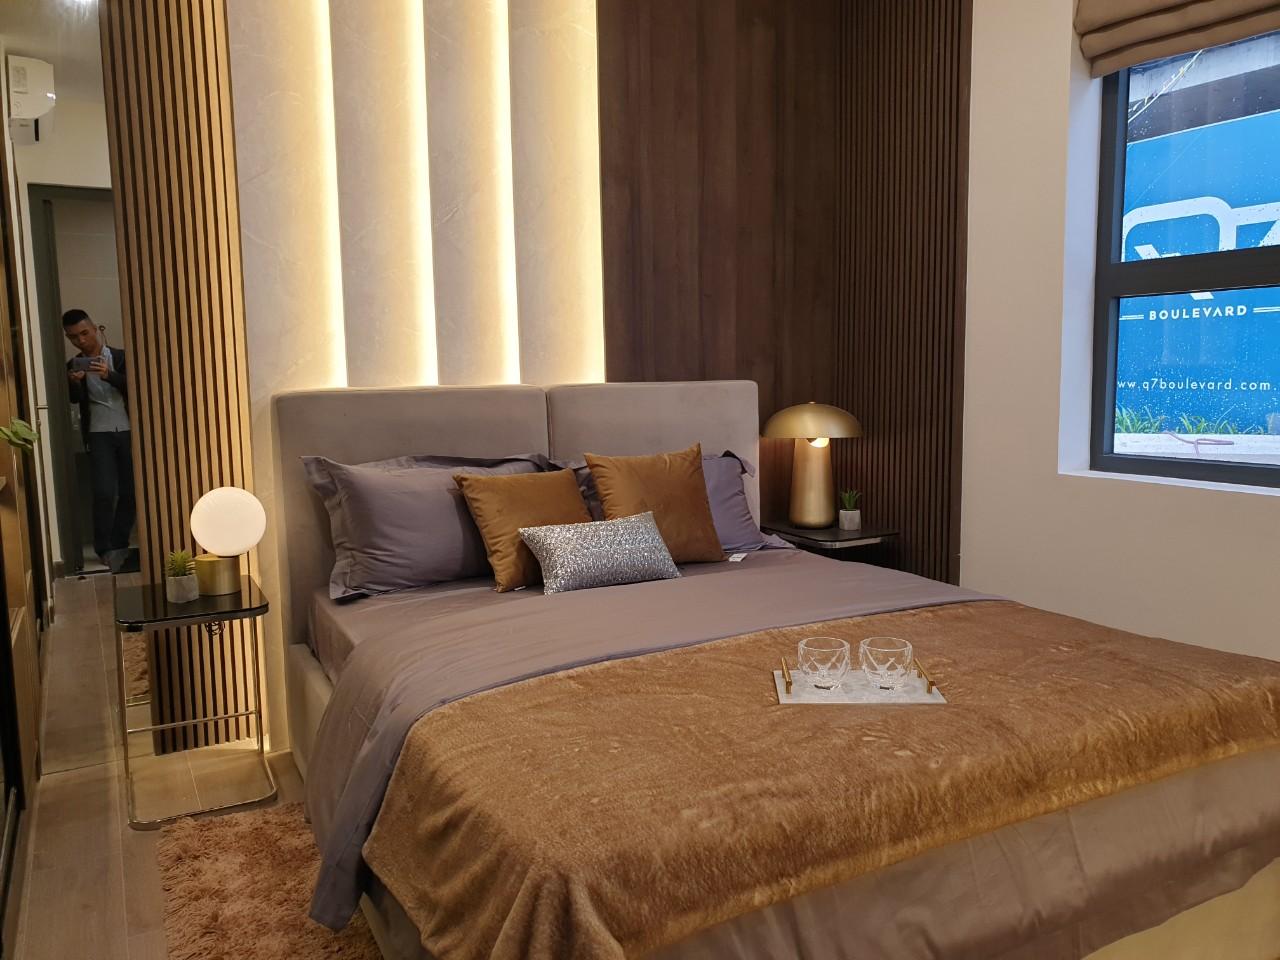 Mẫu Phòng Ngủ Q7 Boulevard